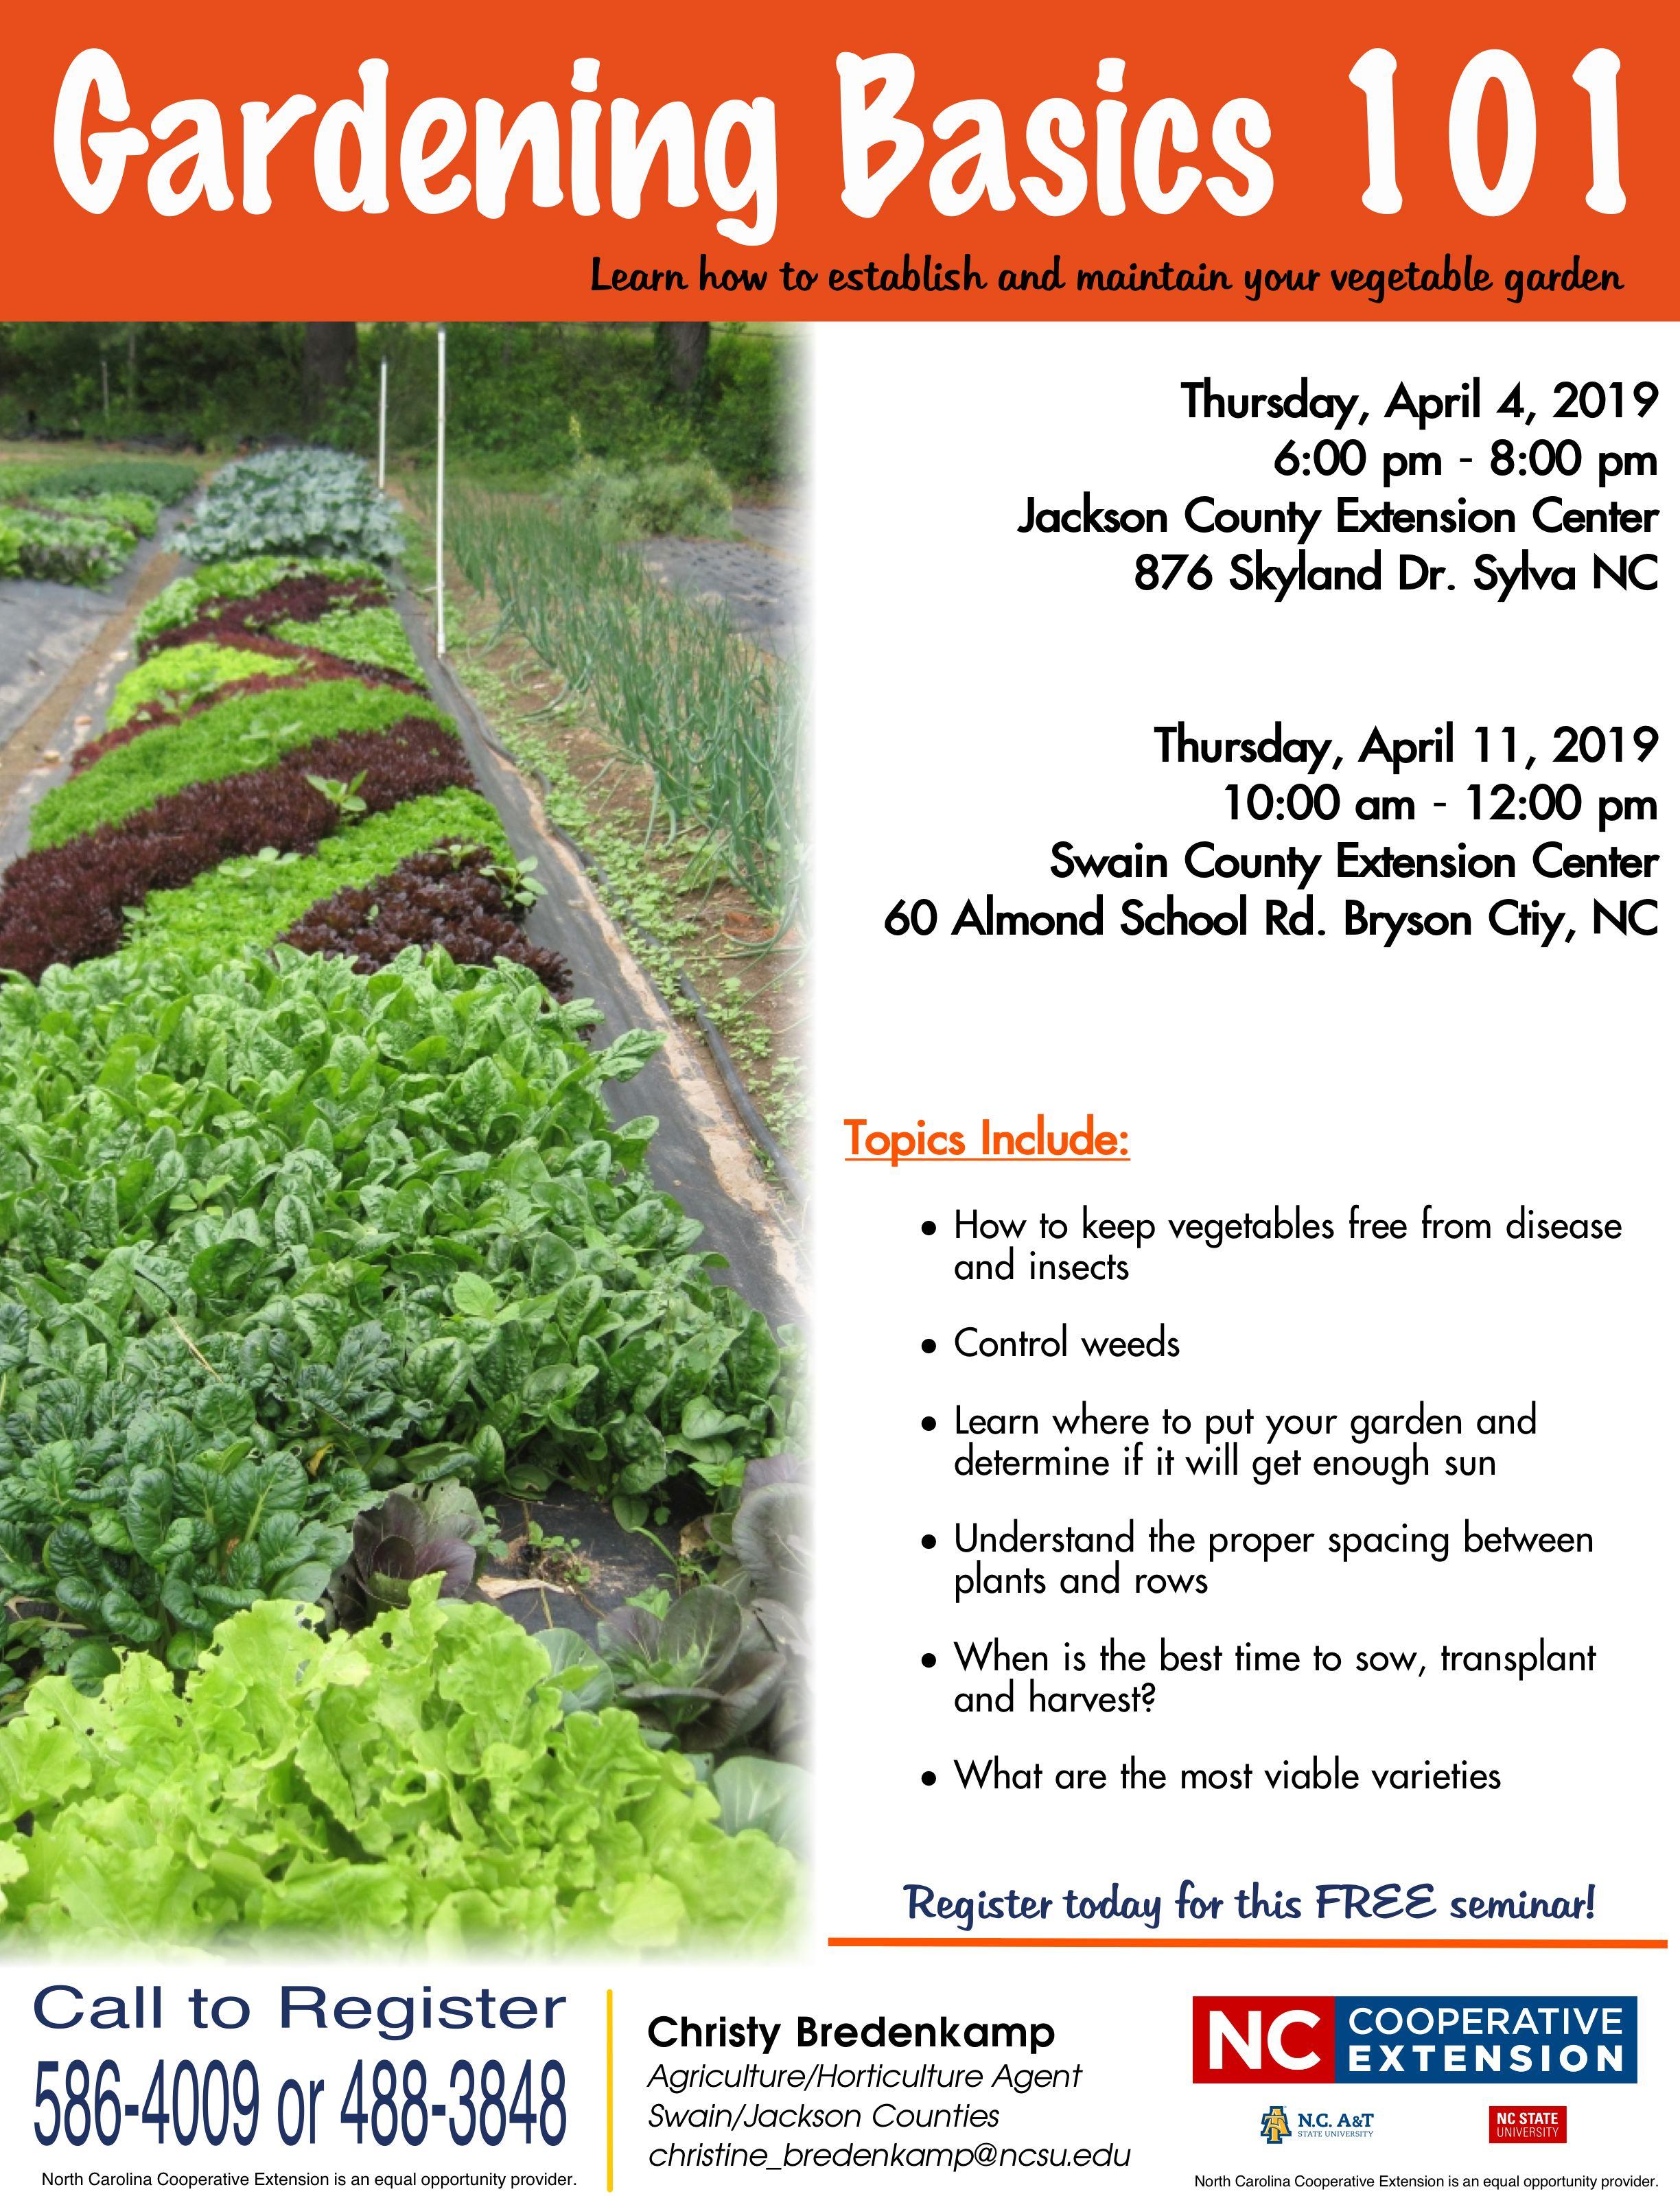 Gardening Basics 101 flyer image